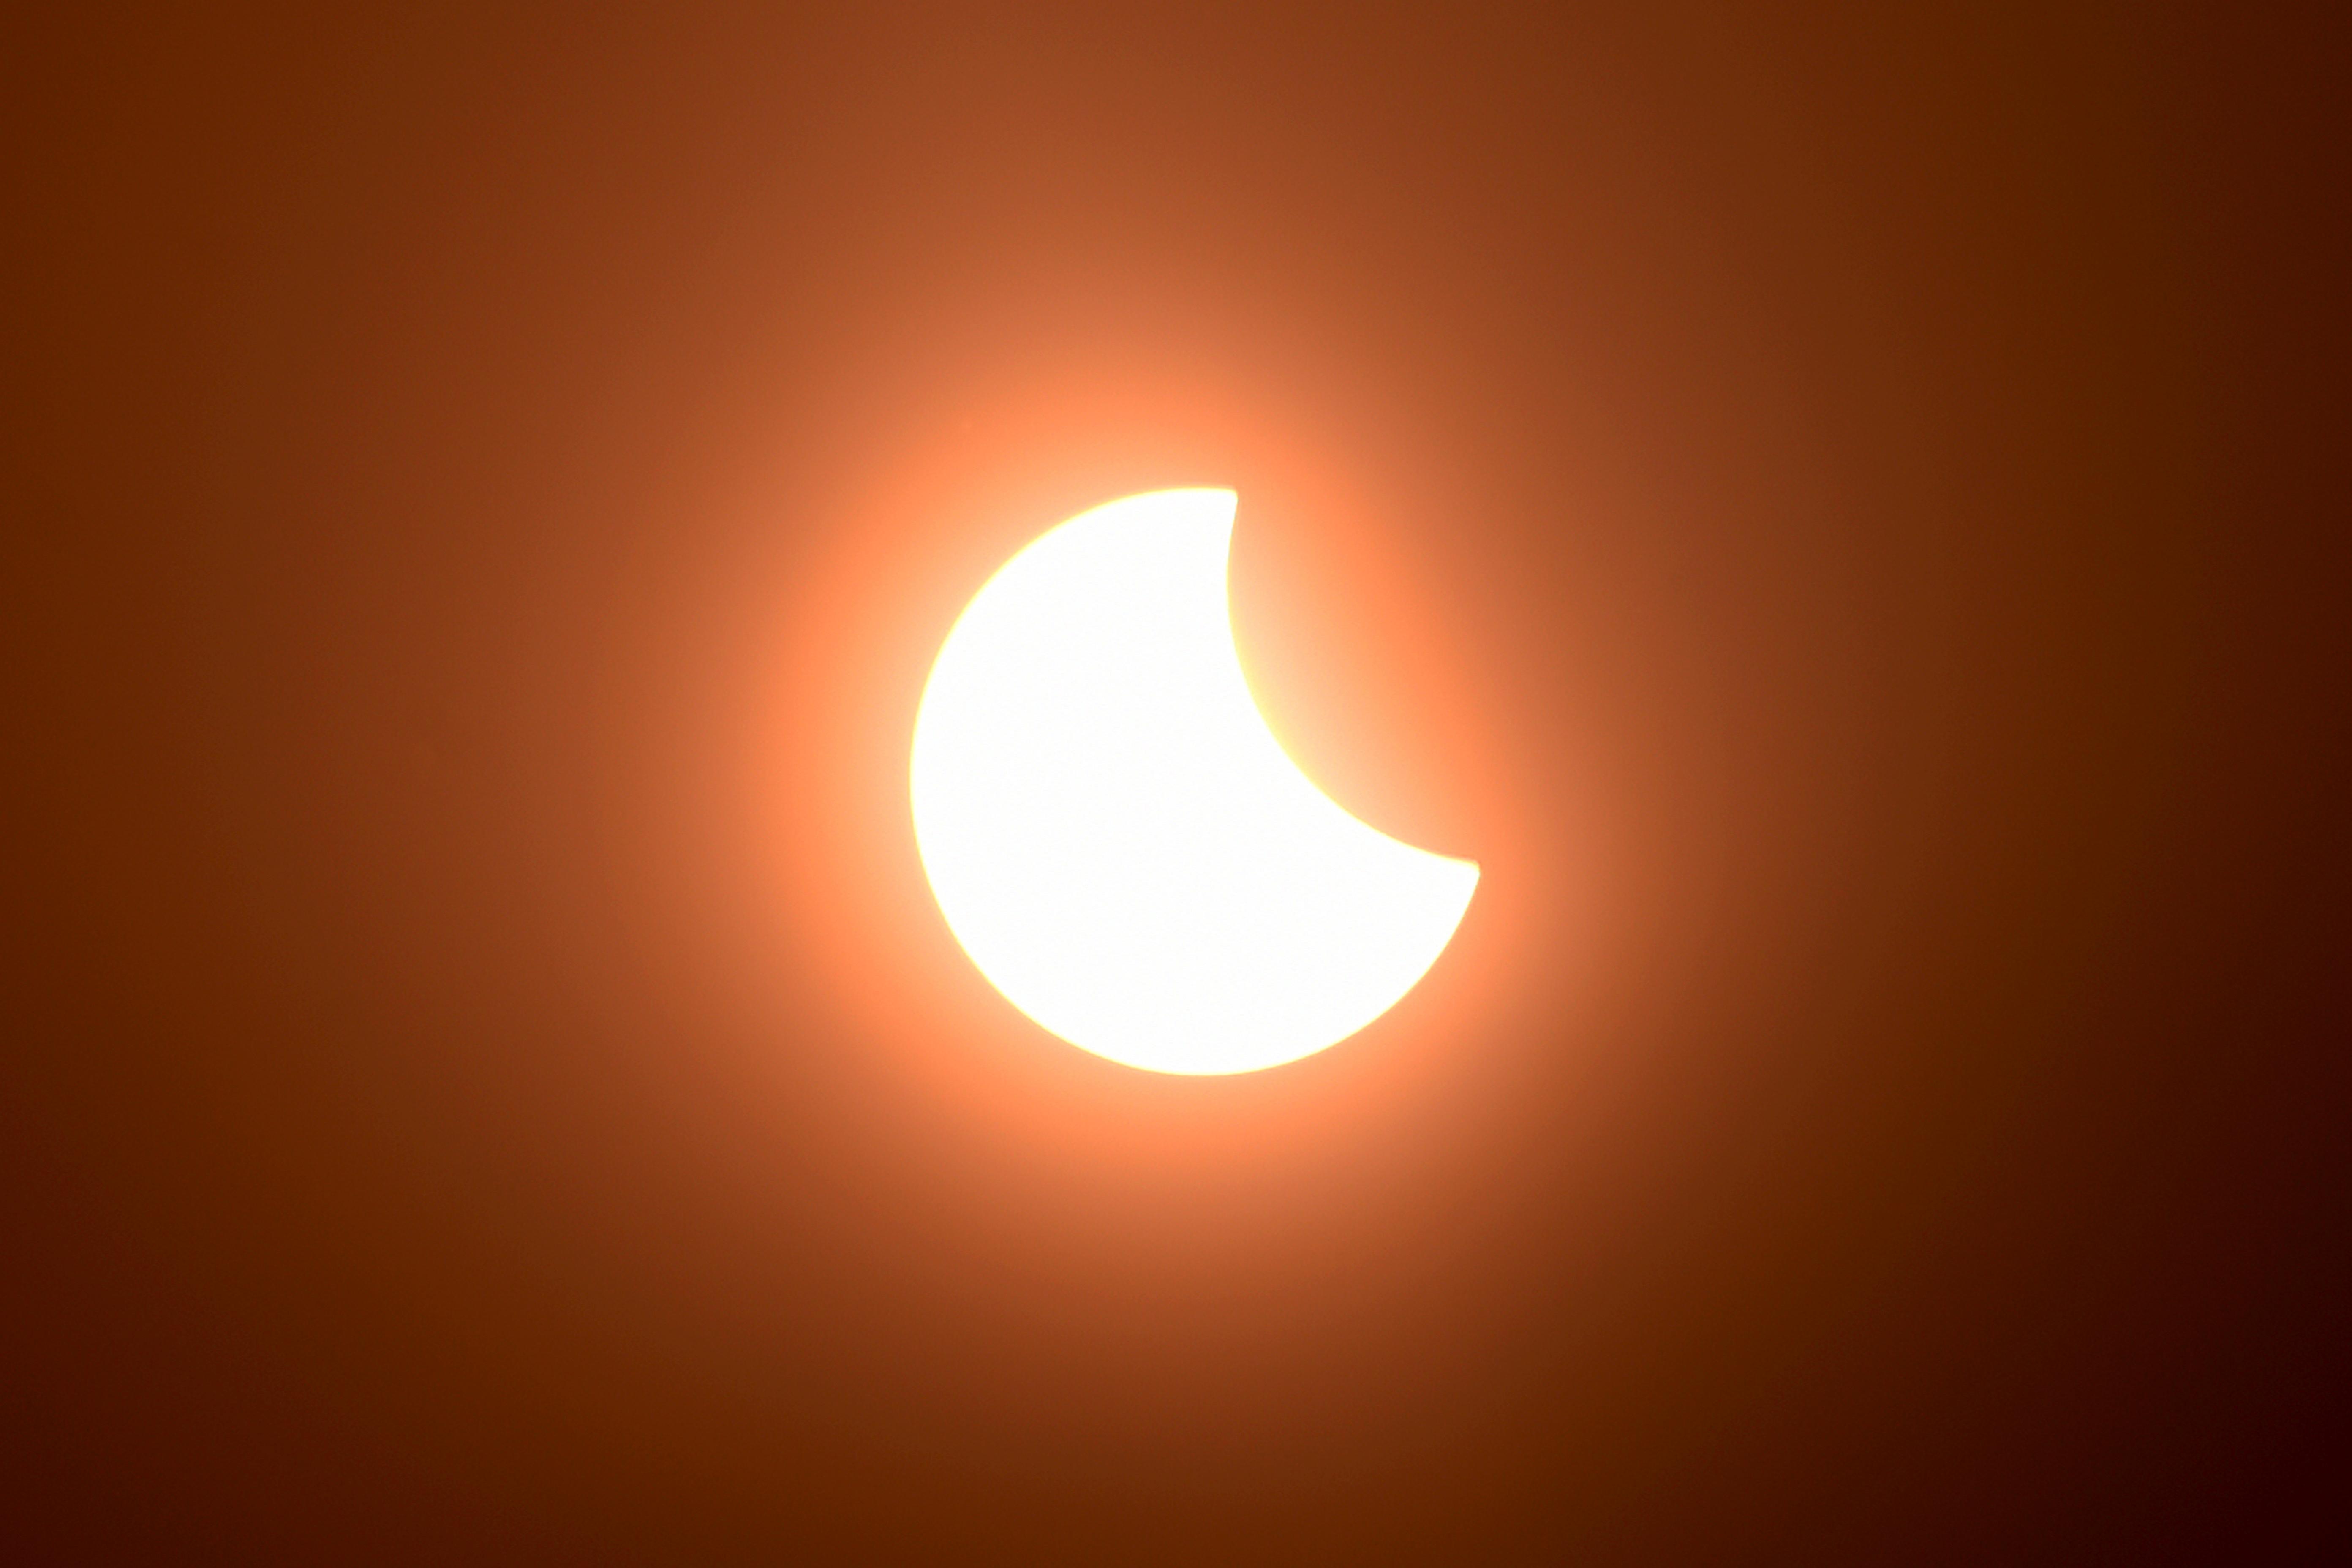 ¿Qué hace única y especial a la corona solar que se verá en el eclipse del 14 de diciembre?